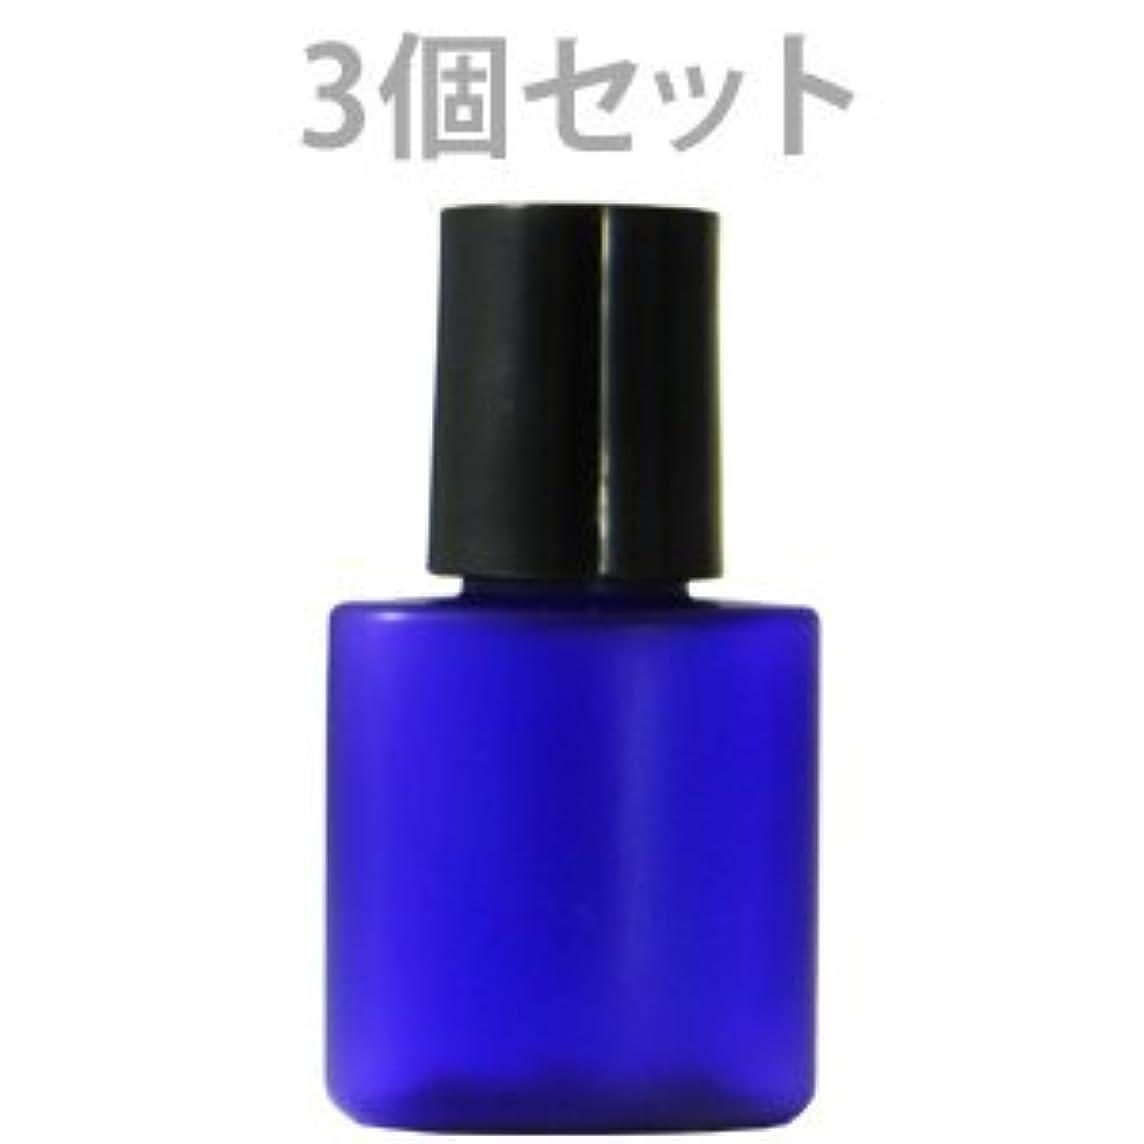 更新する煩わしい蒸留遮光ミニプラボトル容器 10ml (青) (3個セット)